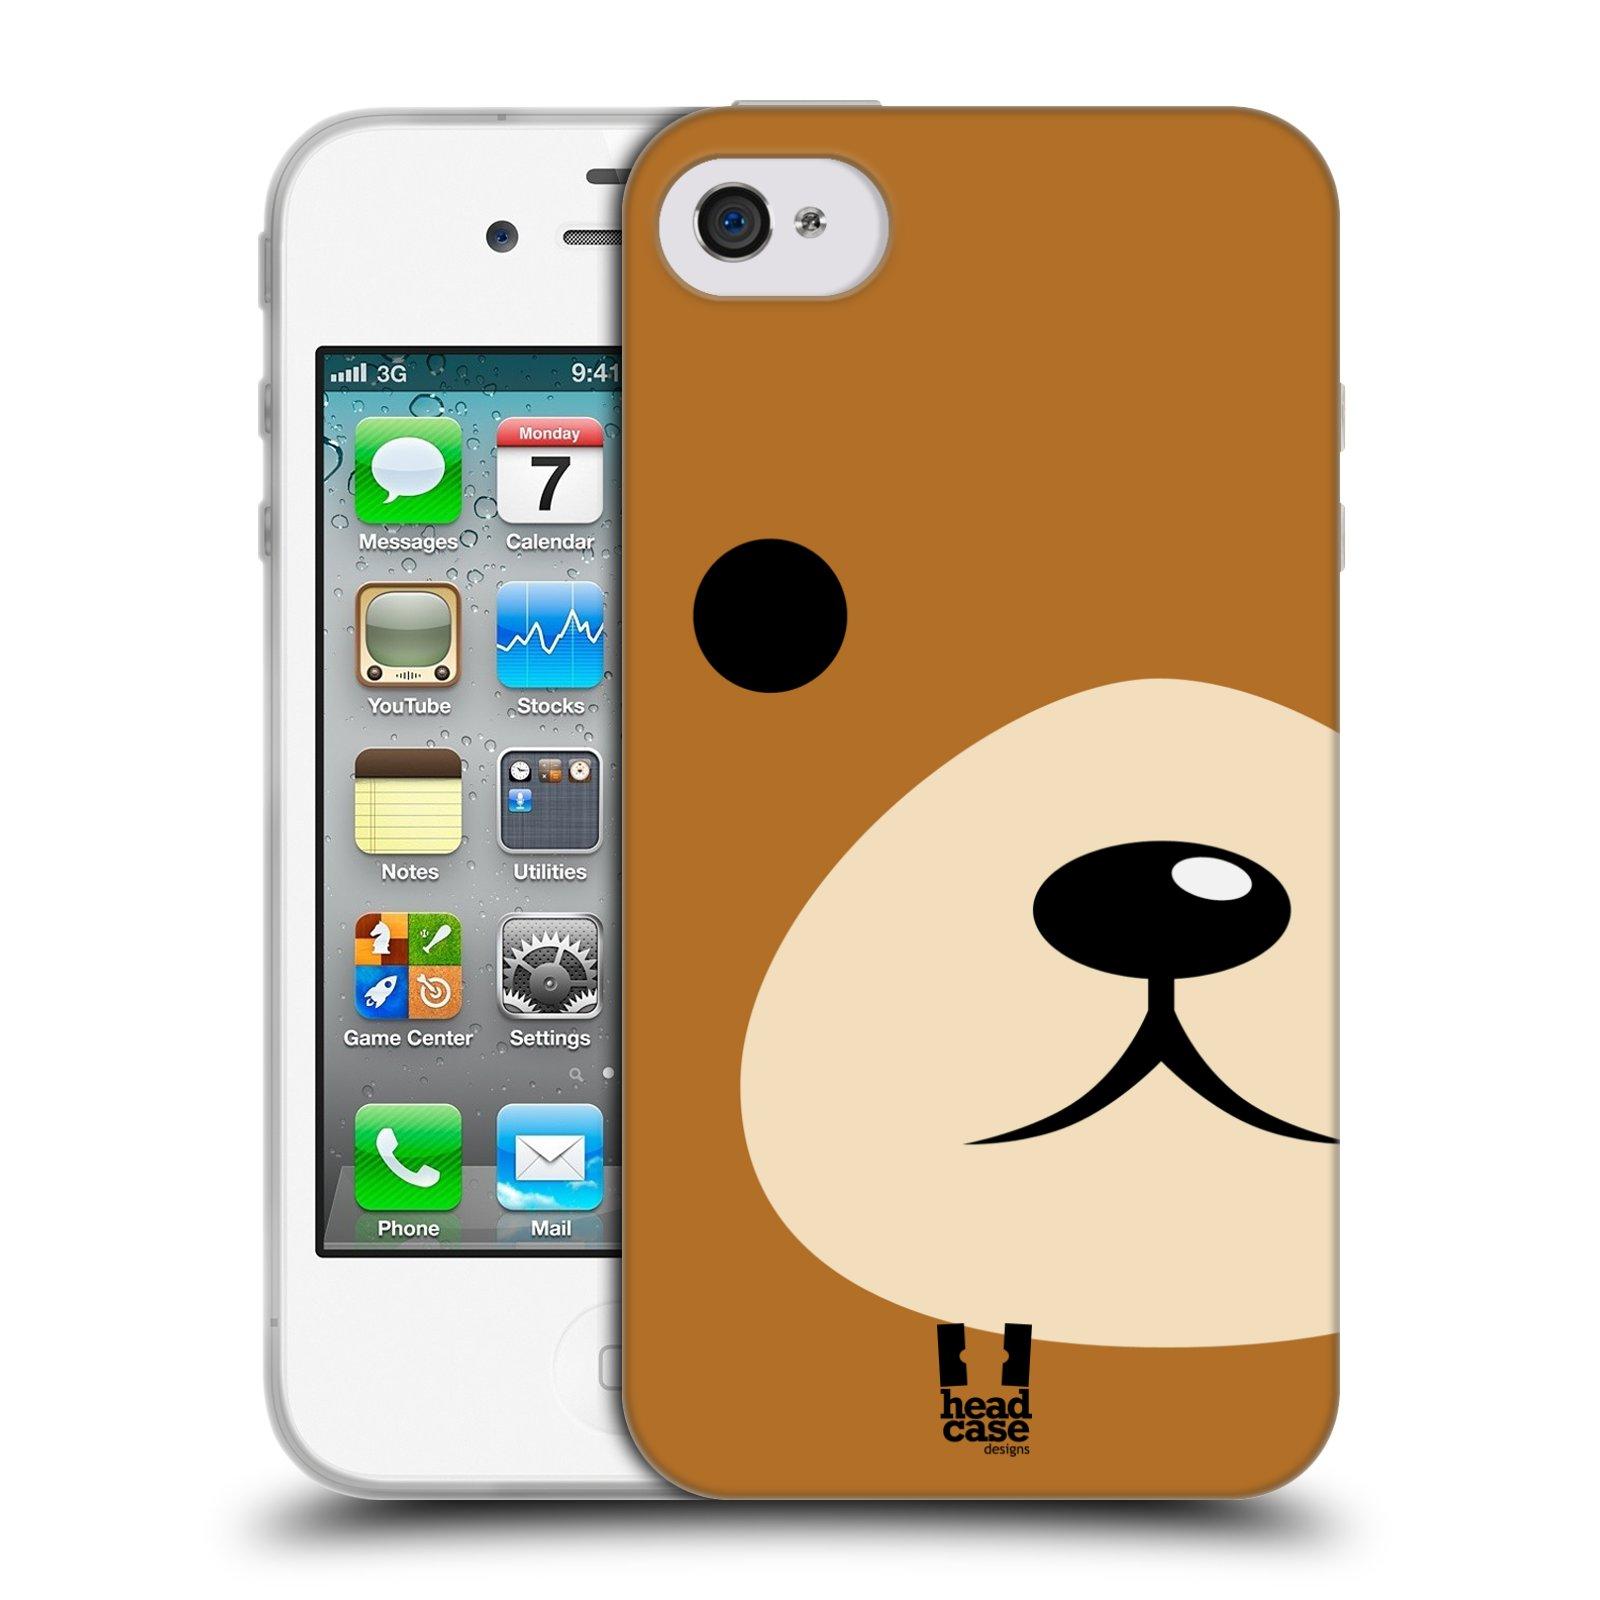 HEAD CASE silikonový obal na mobil Apple Iphone 4/4S vzor Celá tvář zvíře kreslený portrét medvídek